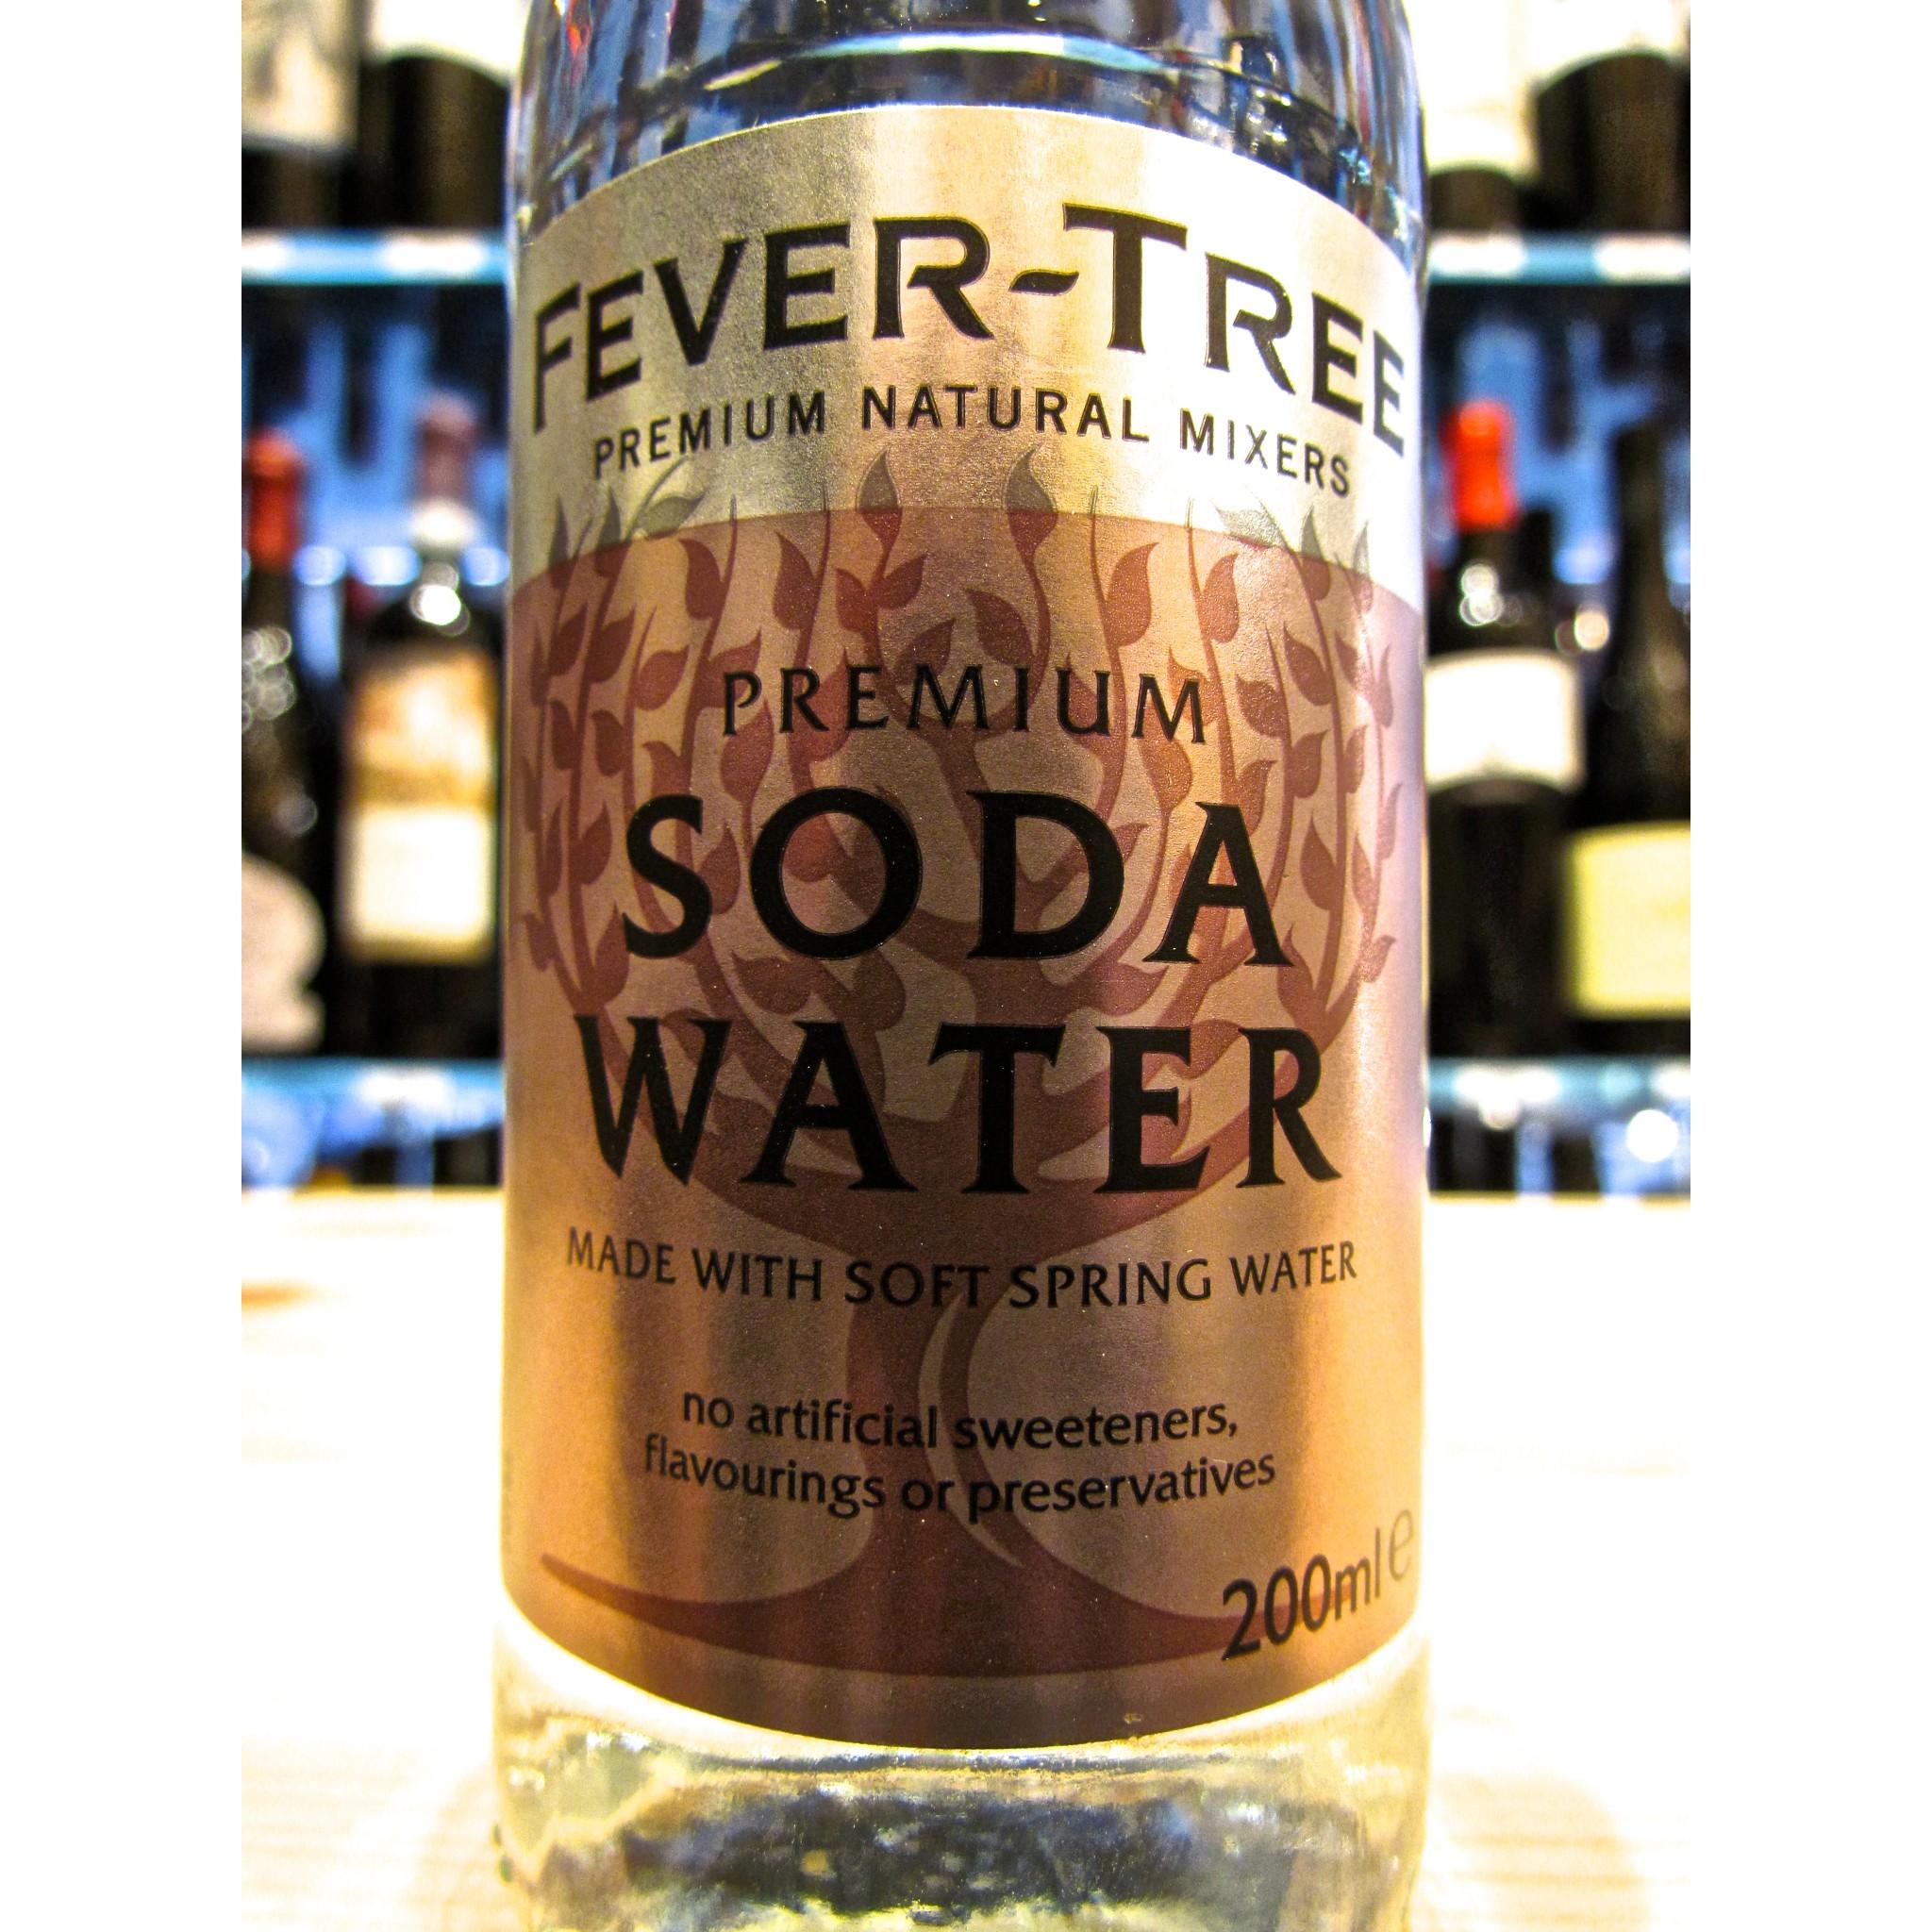 Soda In Christmas Tree Water: Online Sales Fever-Tree Soda Water, Soda Water. Produced